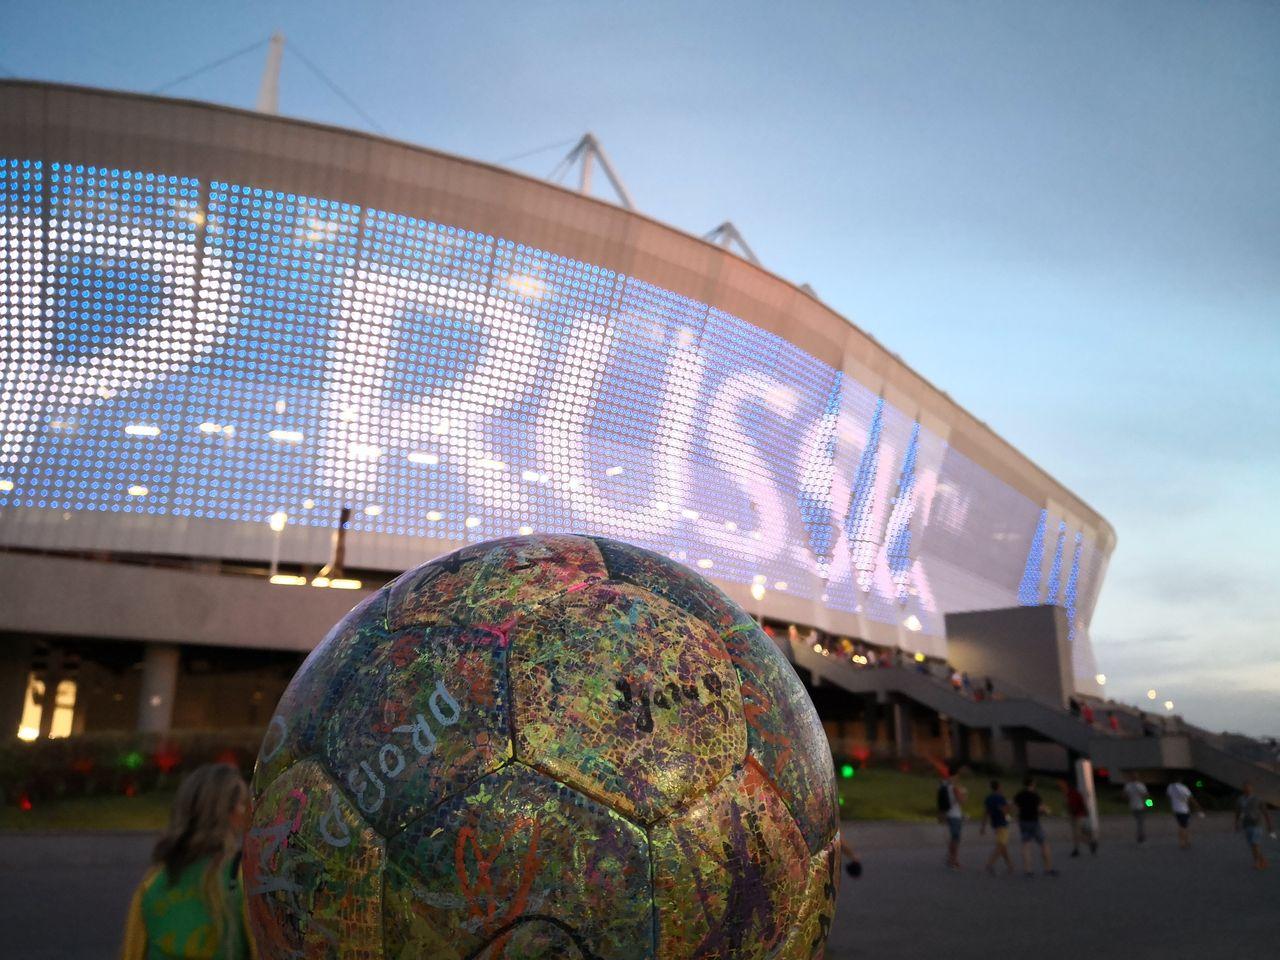 Das erste WM Spiel für The Ball in Russland